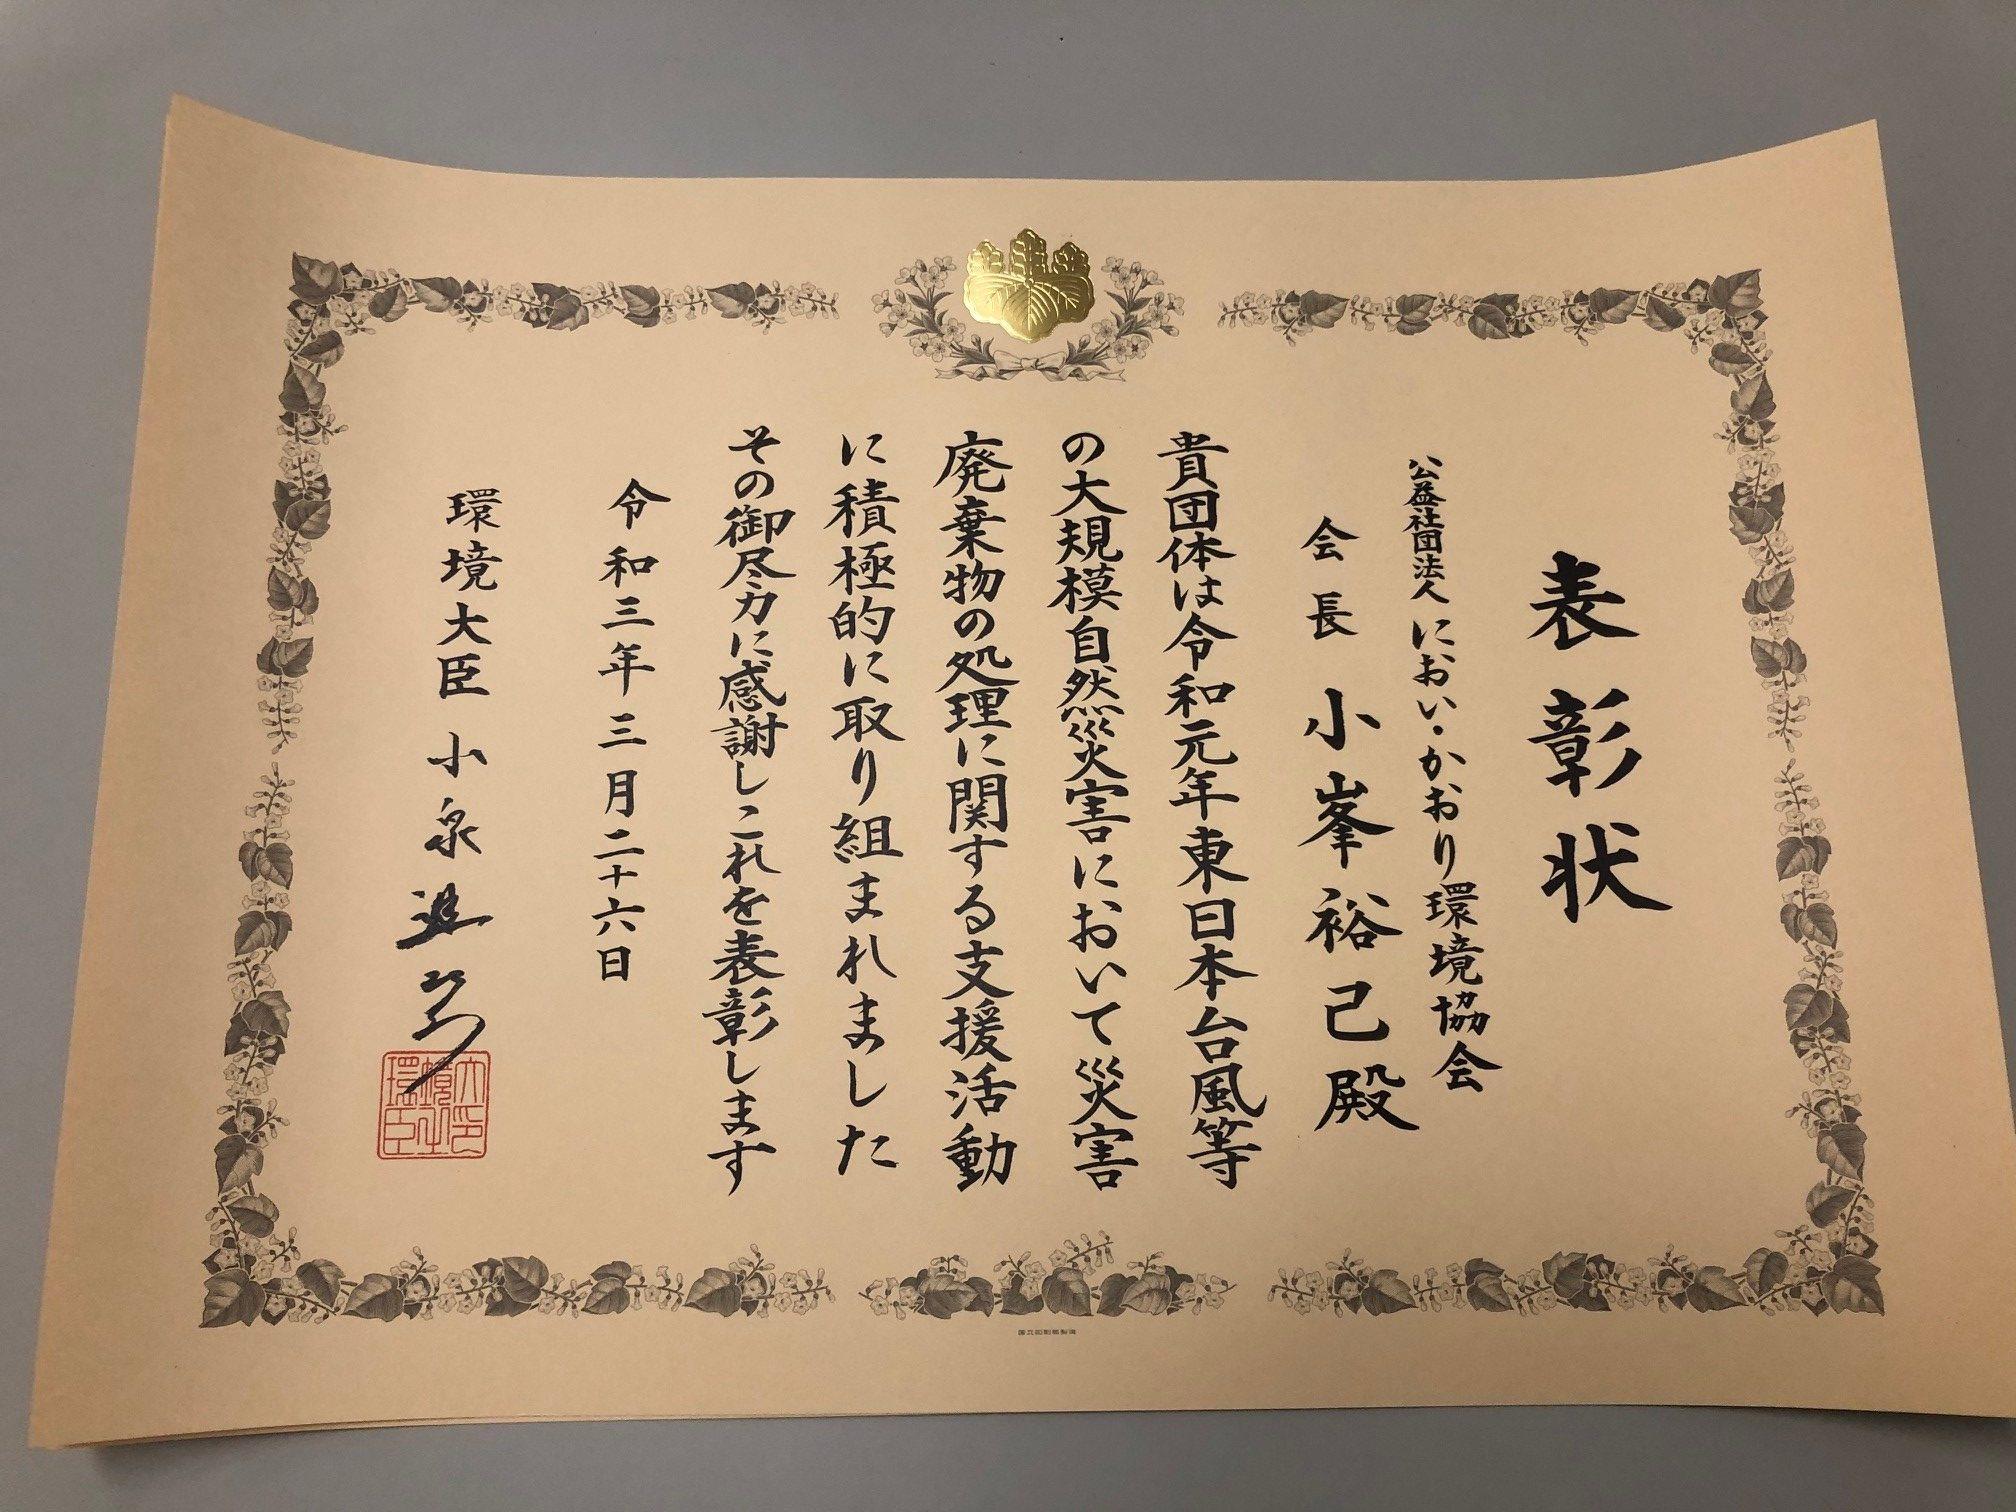 写真1 令和元年東日本台風等災害支援の表彰状